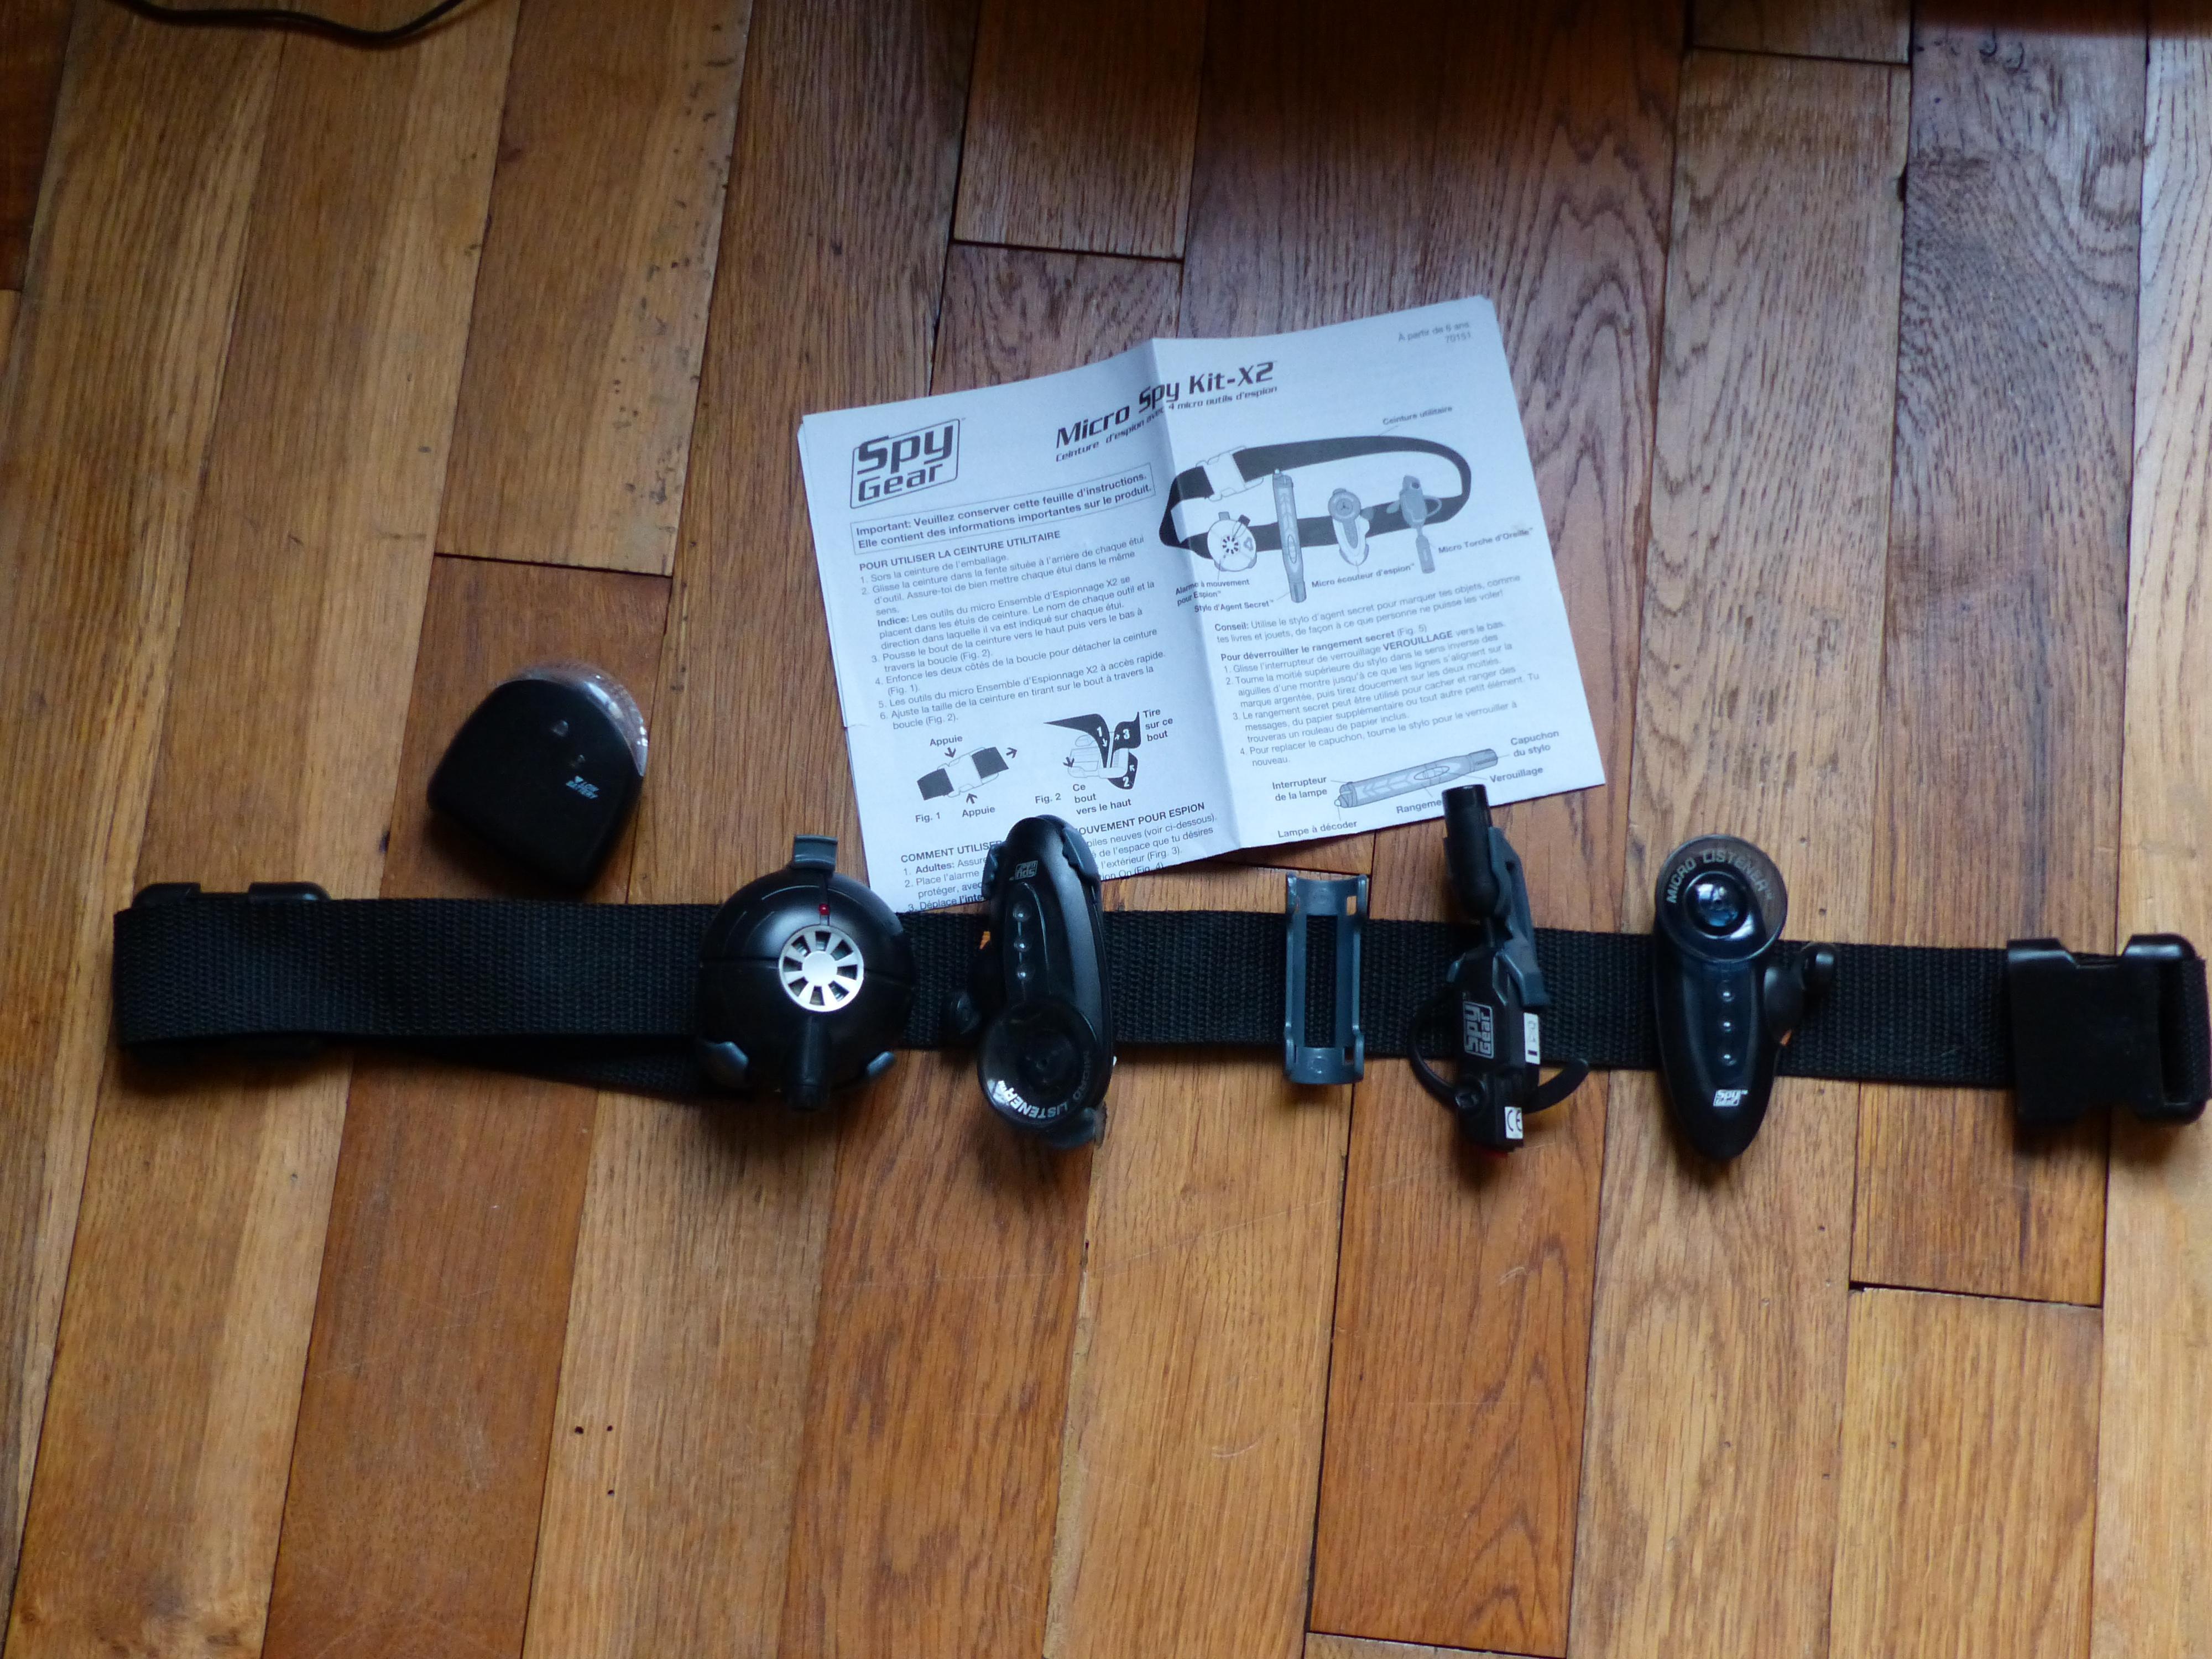 troc de troc jouet spy gear image 0